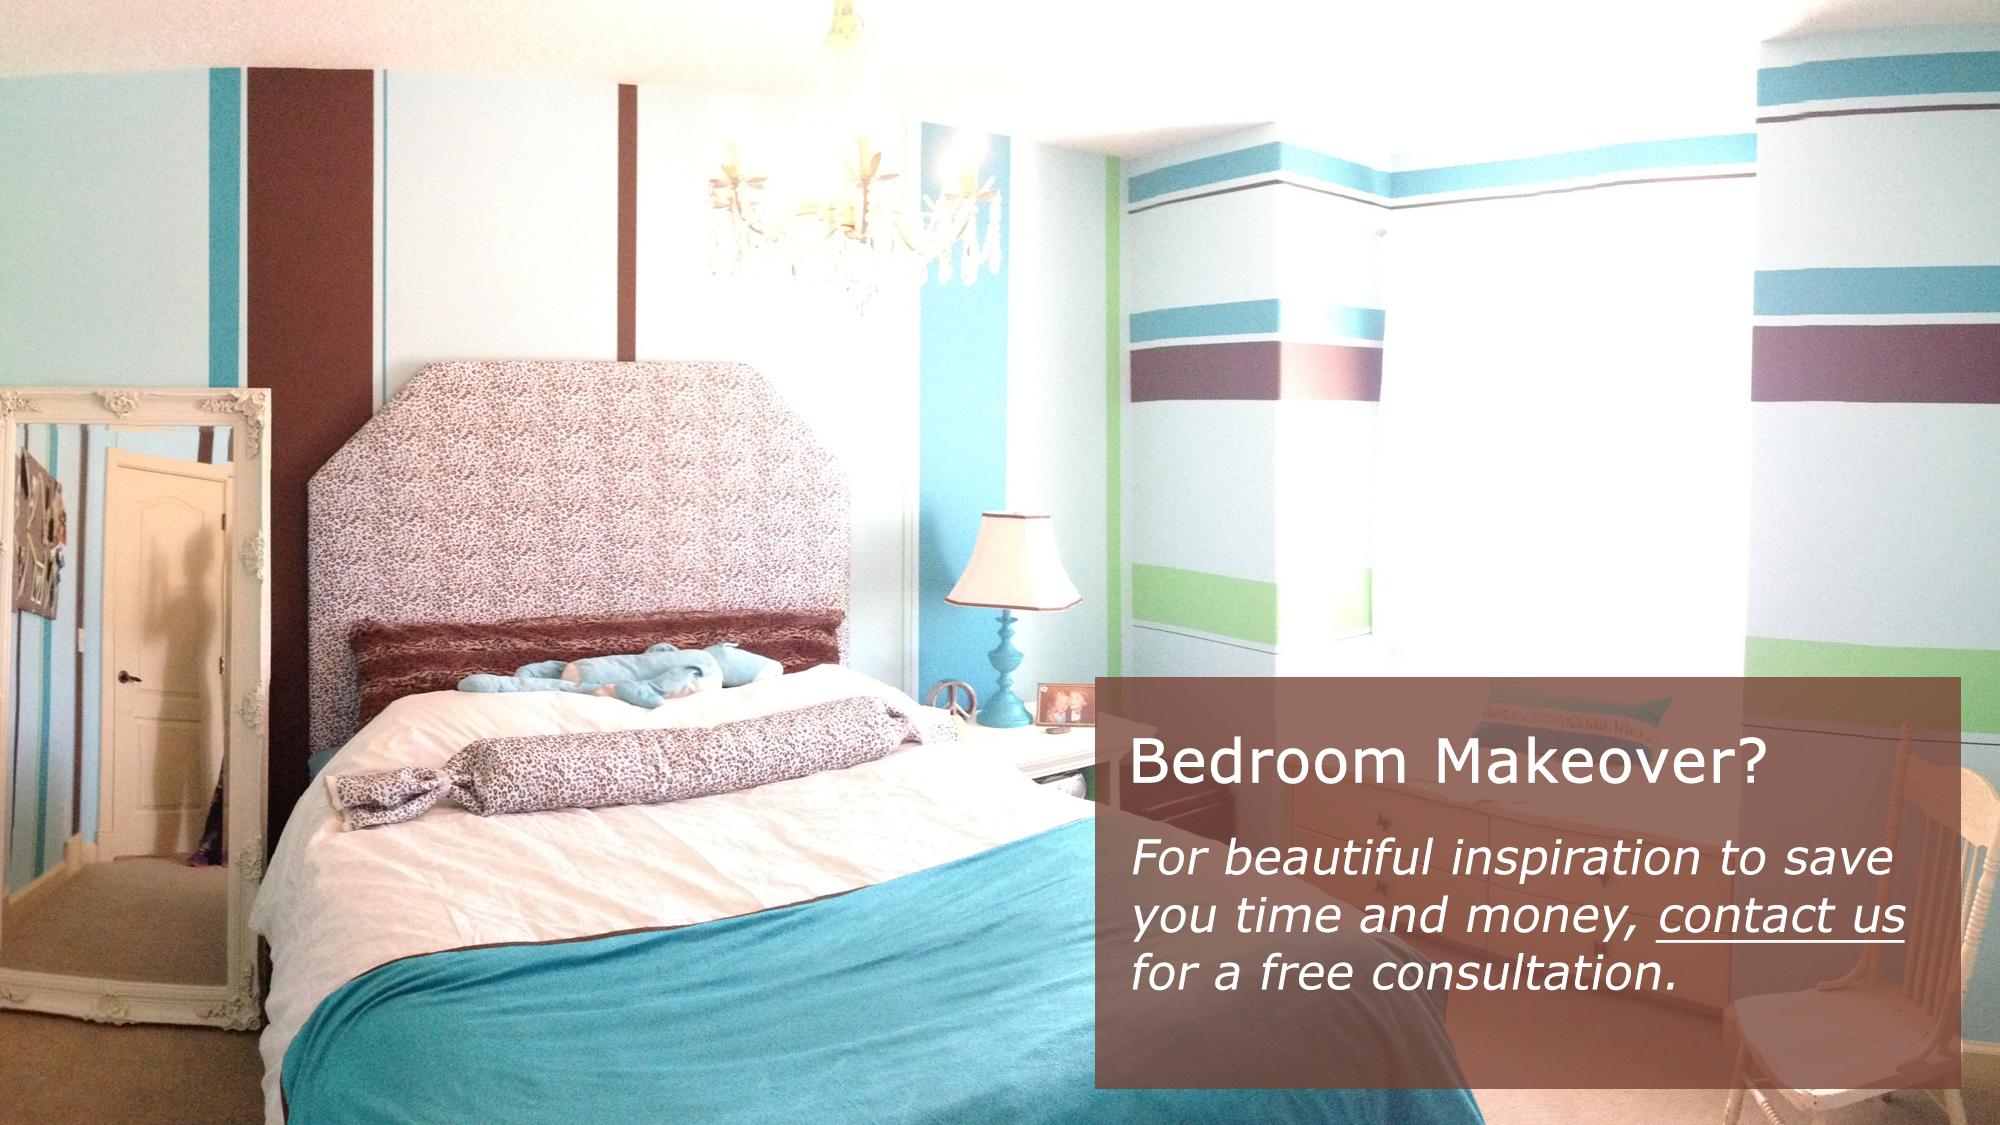 Bedroom Makeover?